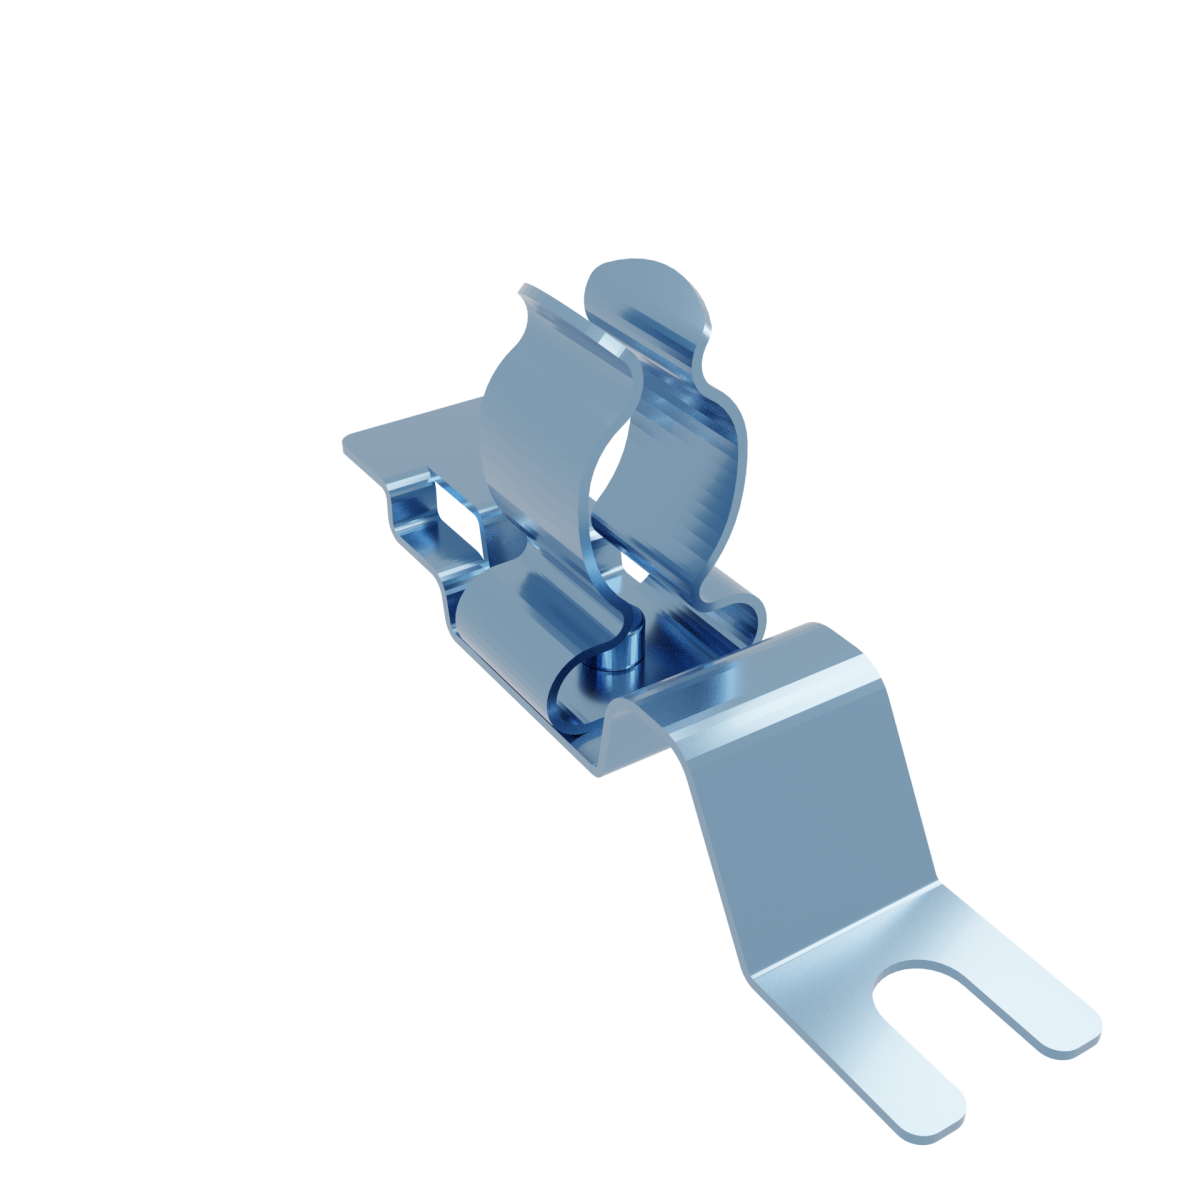 Stínicí kabelová spona s vidlicí MSE 9-12